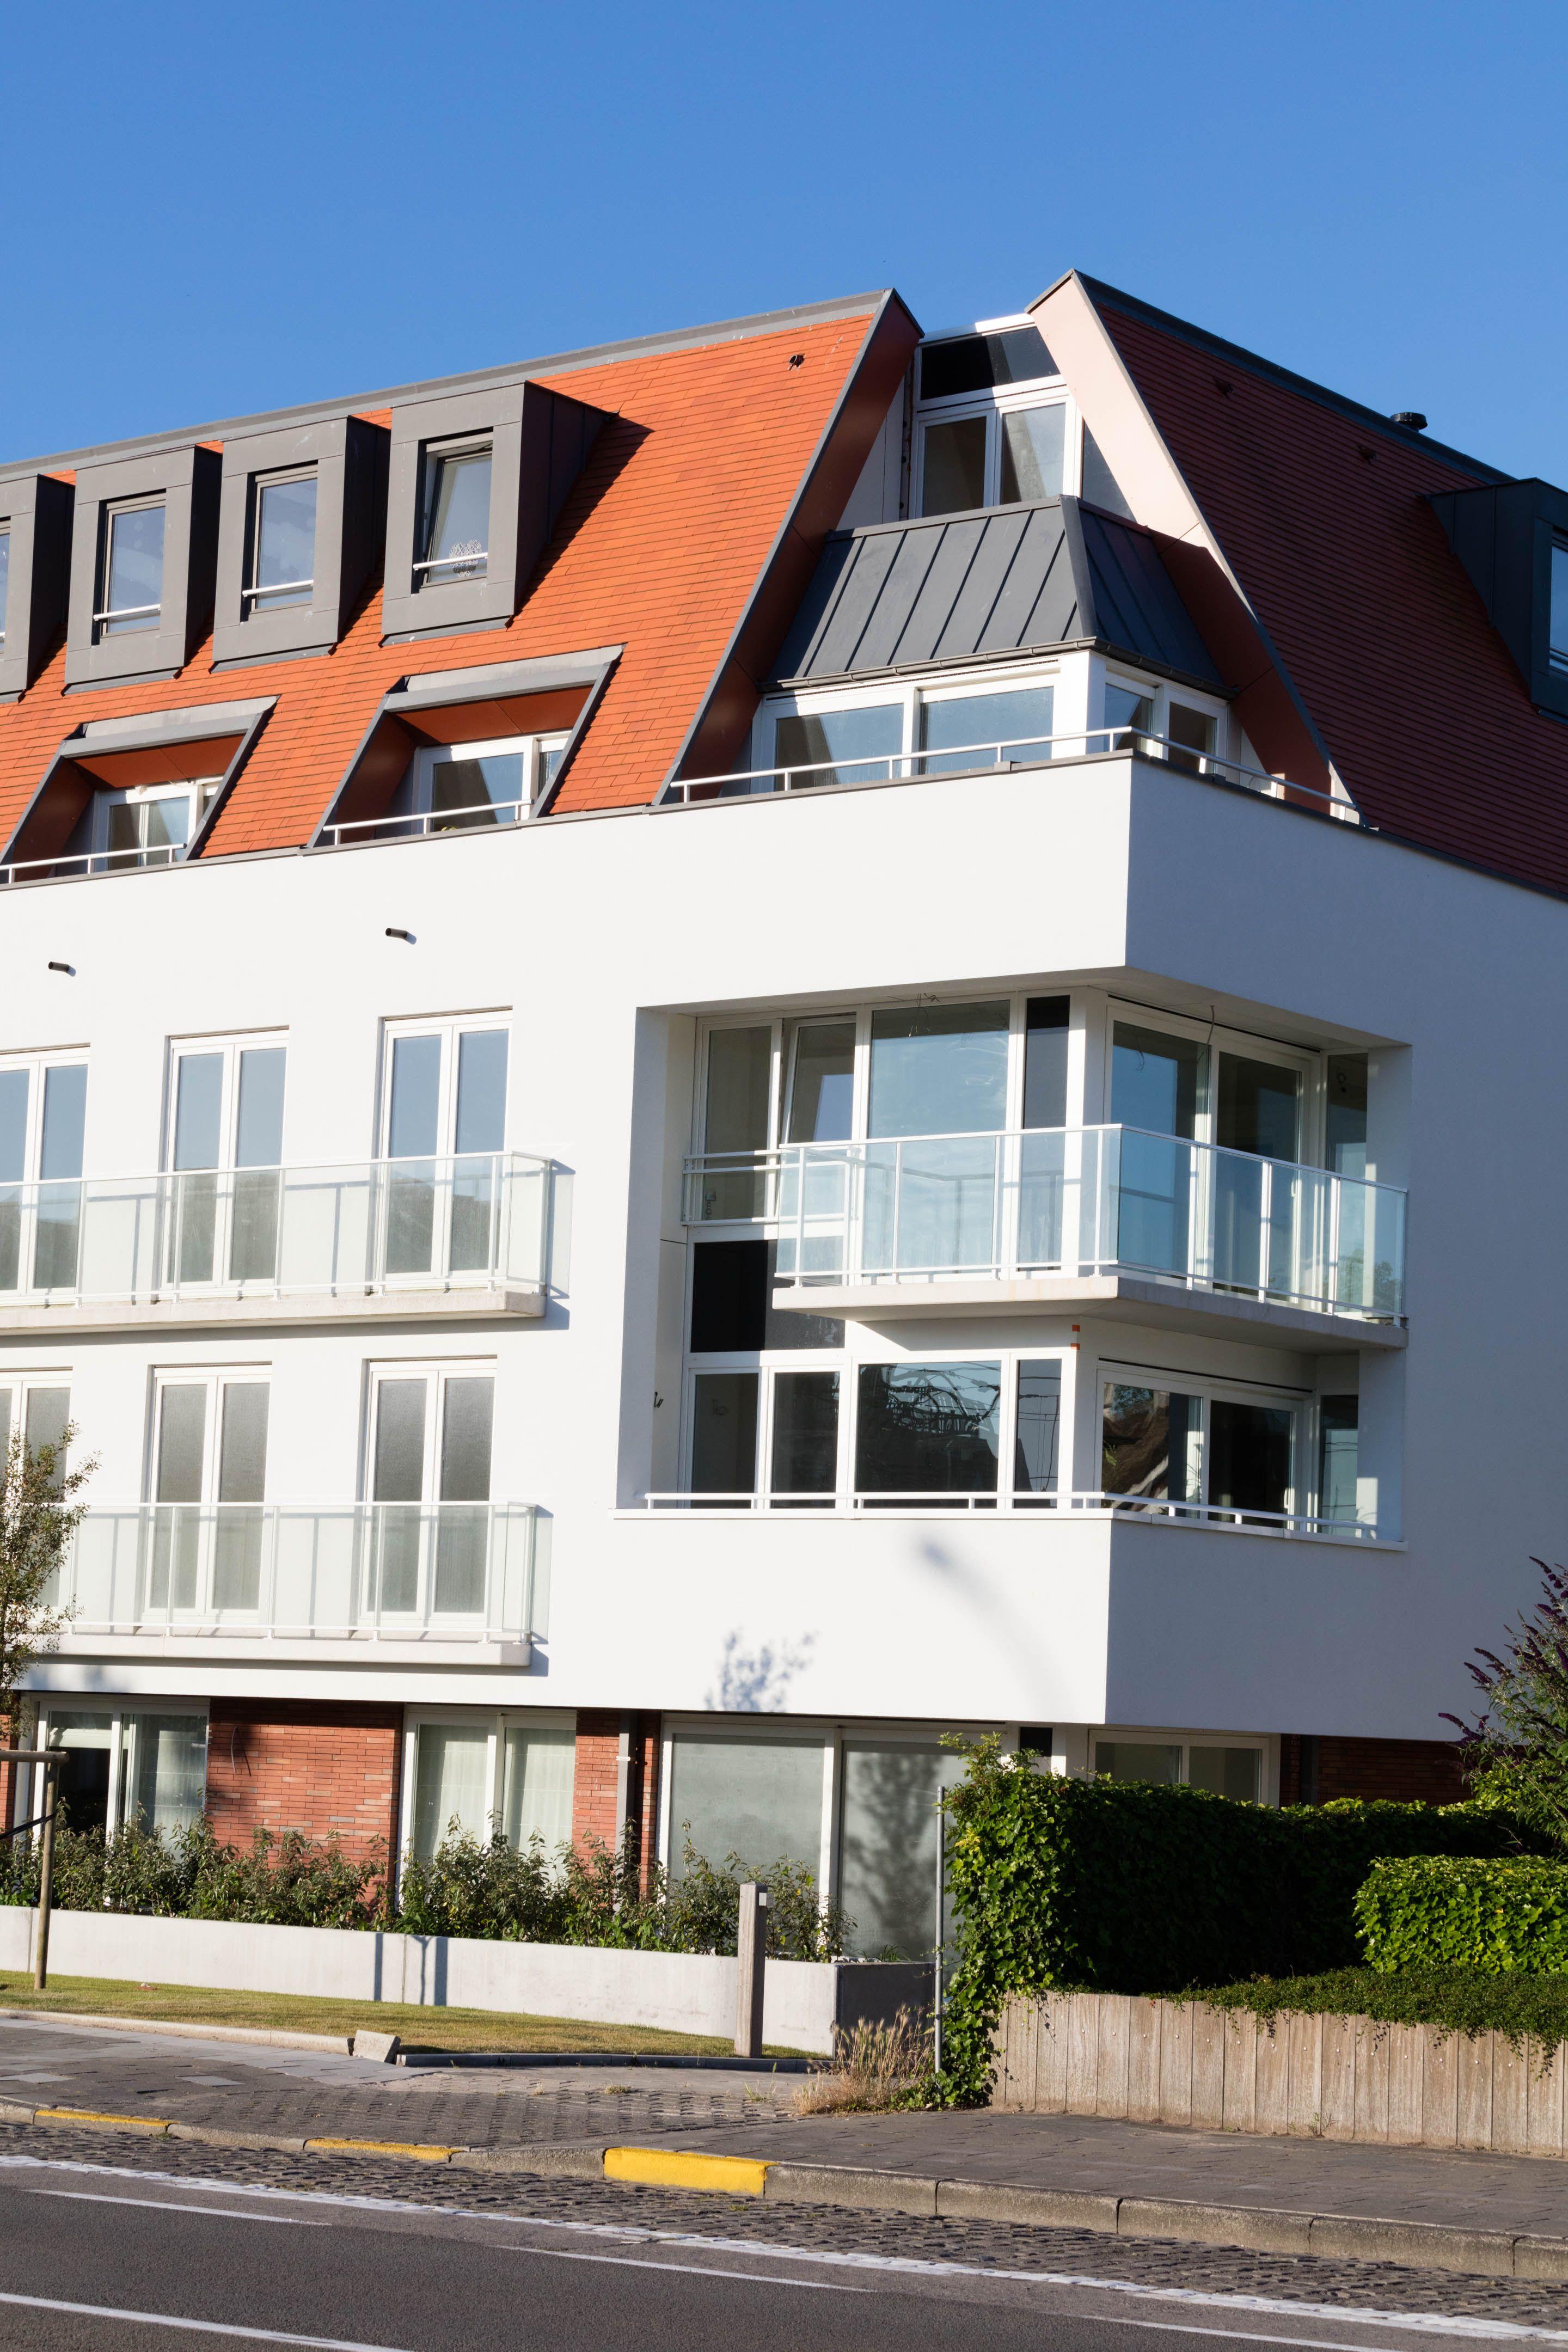 Appartement Residentie Villa Crombez Nieuwpoort - 5975